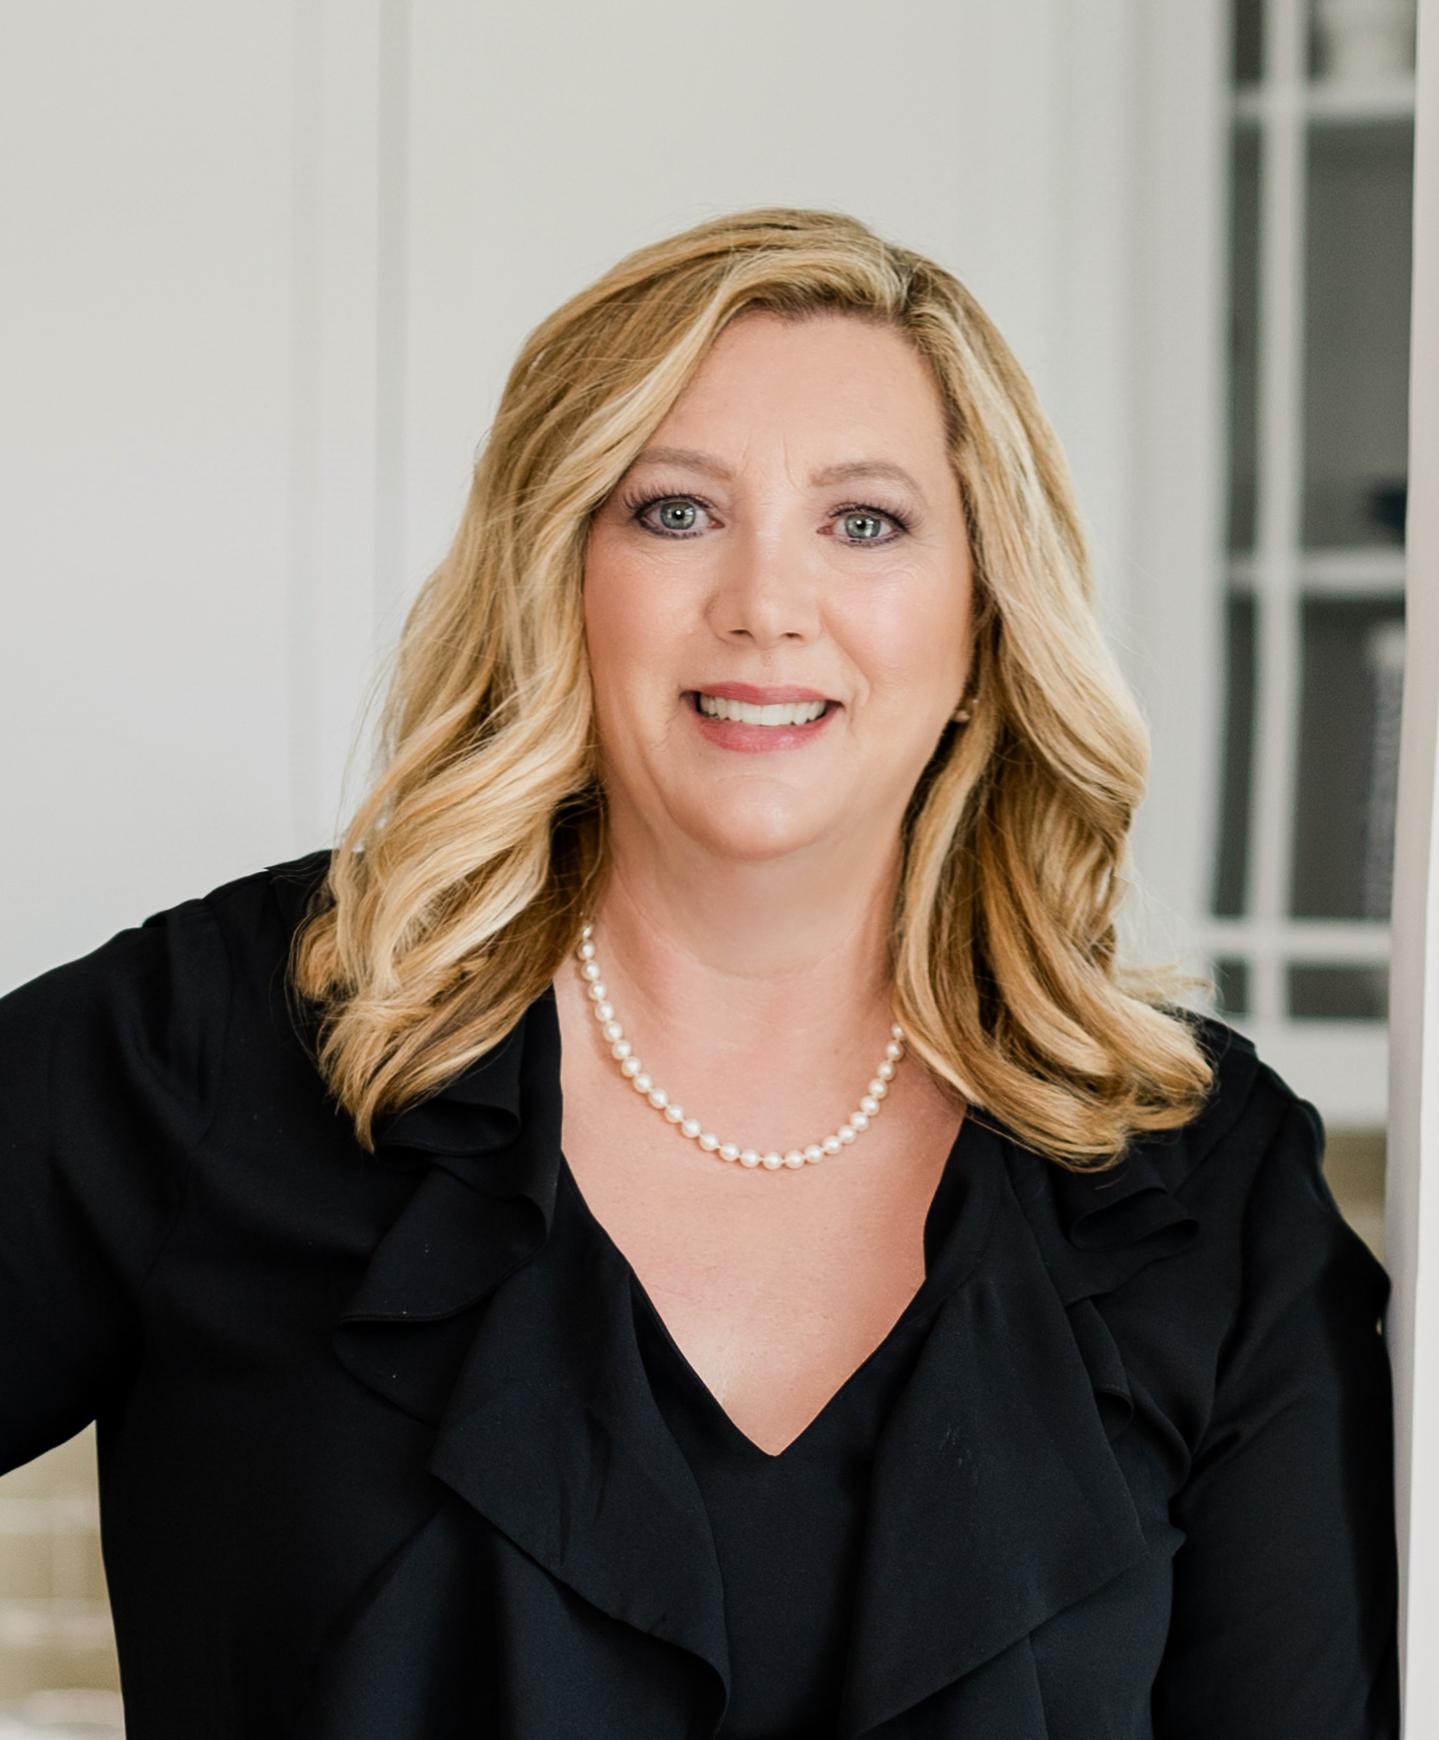 Portrait of Kimberly Drescher